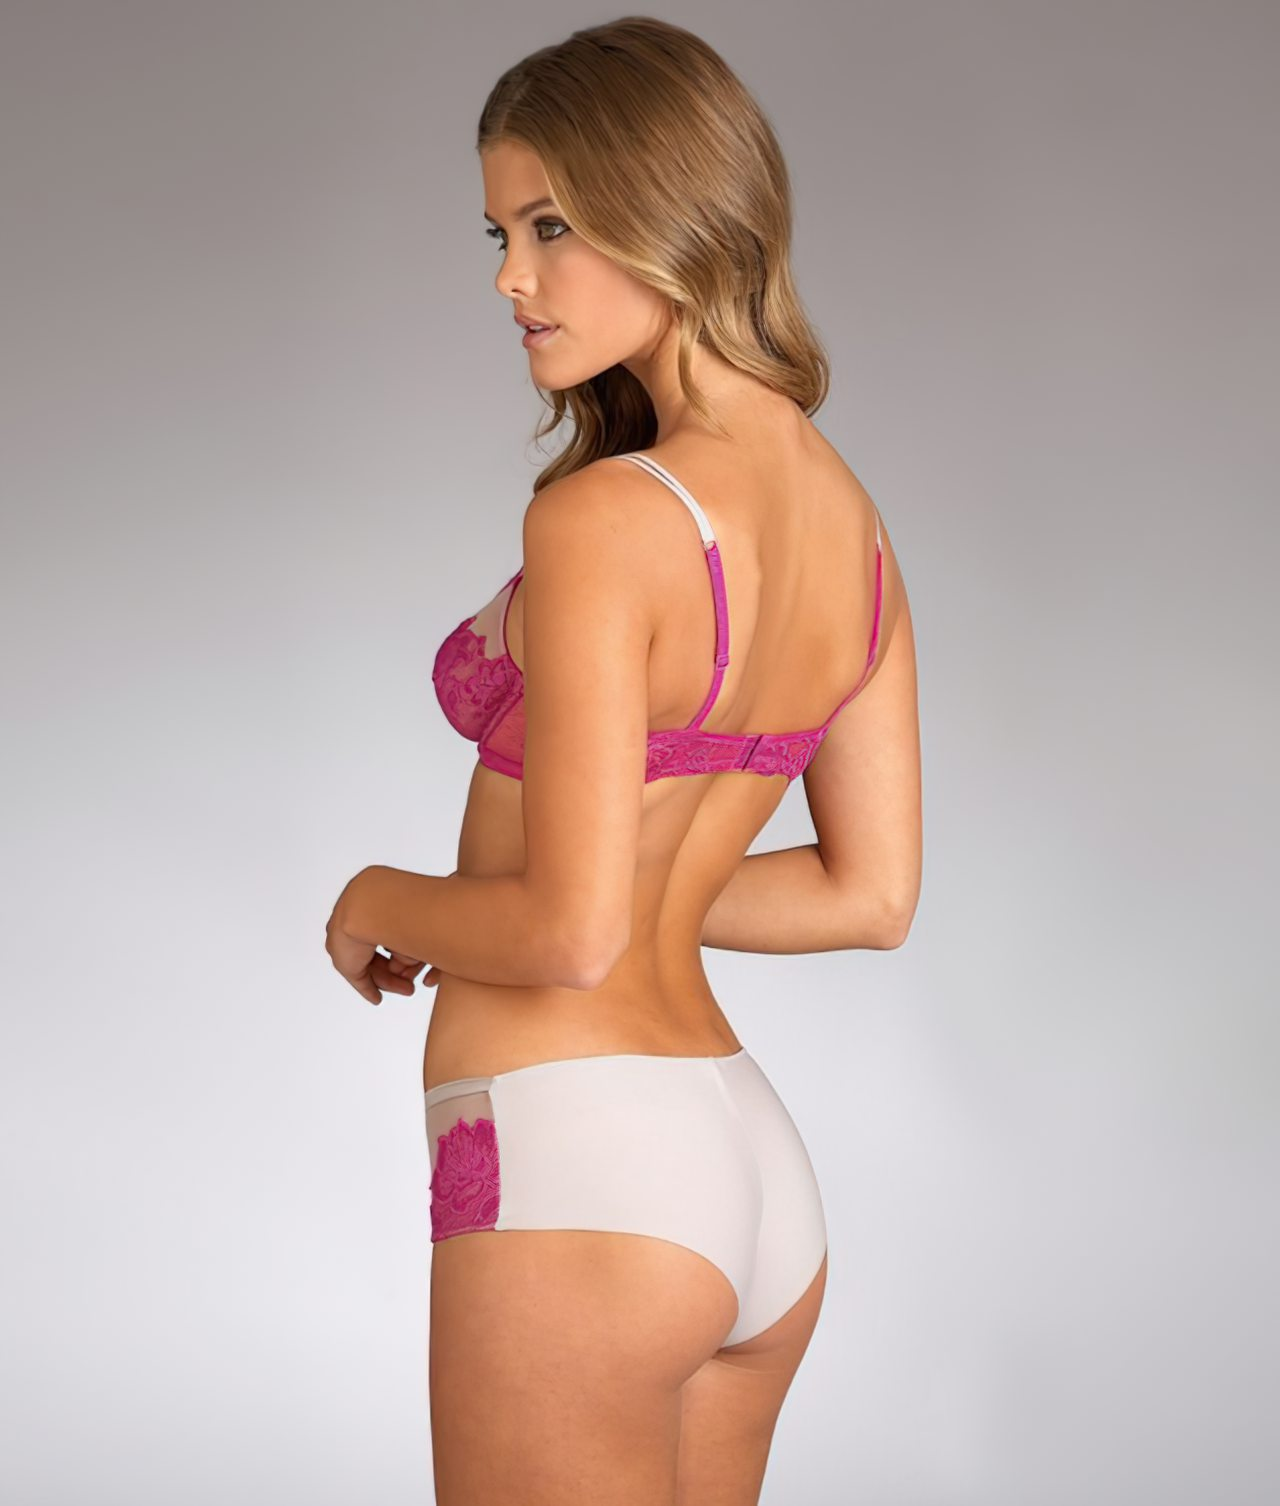 Nina Agdal (38)